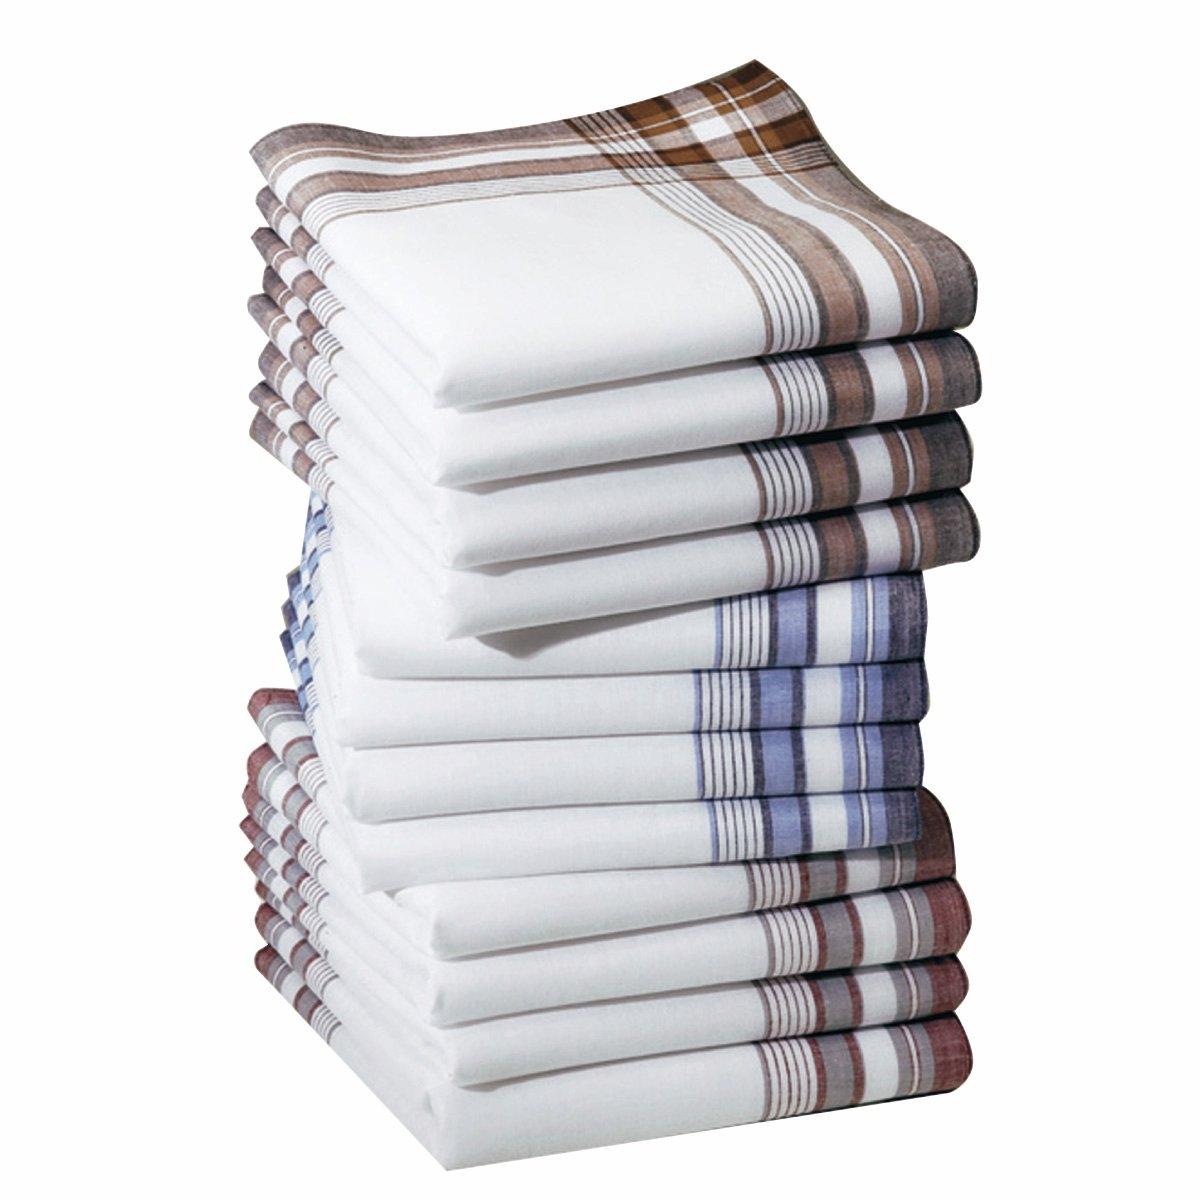 12 носовых платков12 носовых платков из 100% хлопка. Превосходное сочетание цена/качество! Стирка при 60°. Размер: 40 х 40 см.<br><br>Цвет: разноцветный<br>Размер: комплект из 12